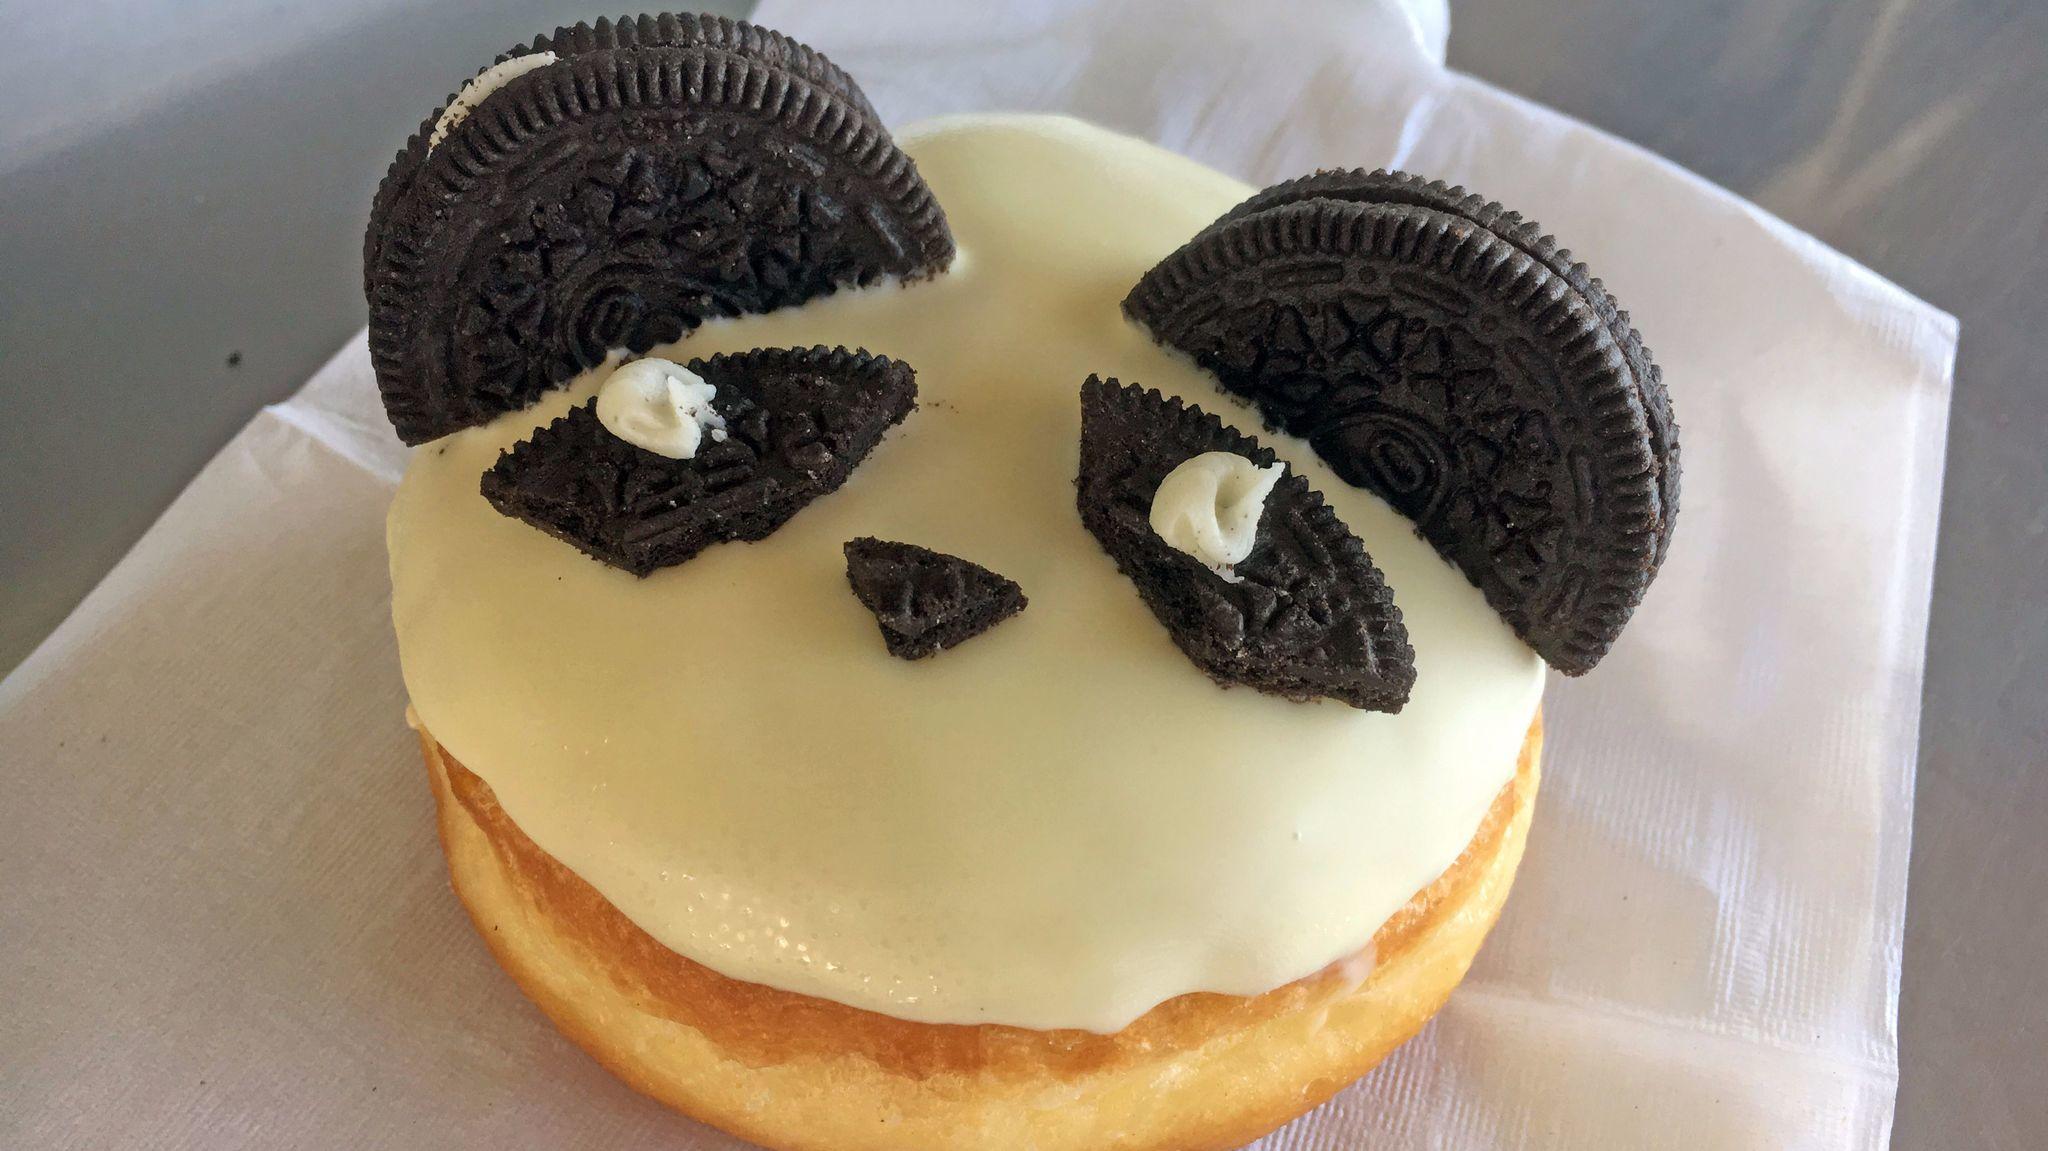 Panda doughnut from California Donuts.